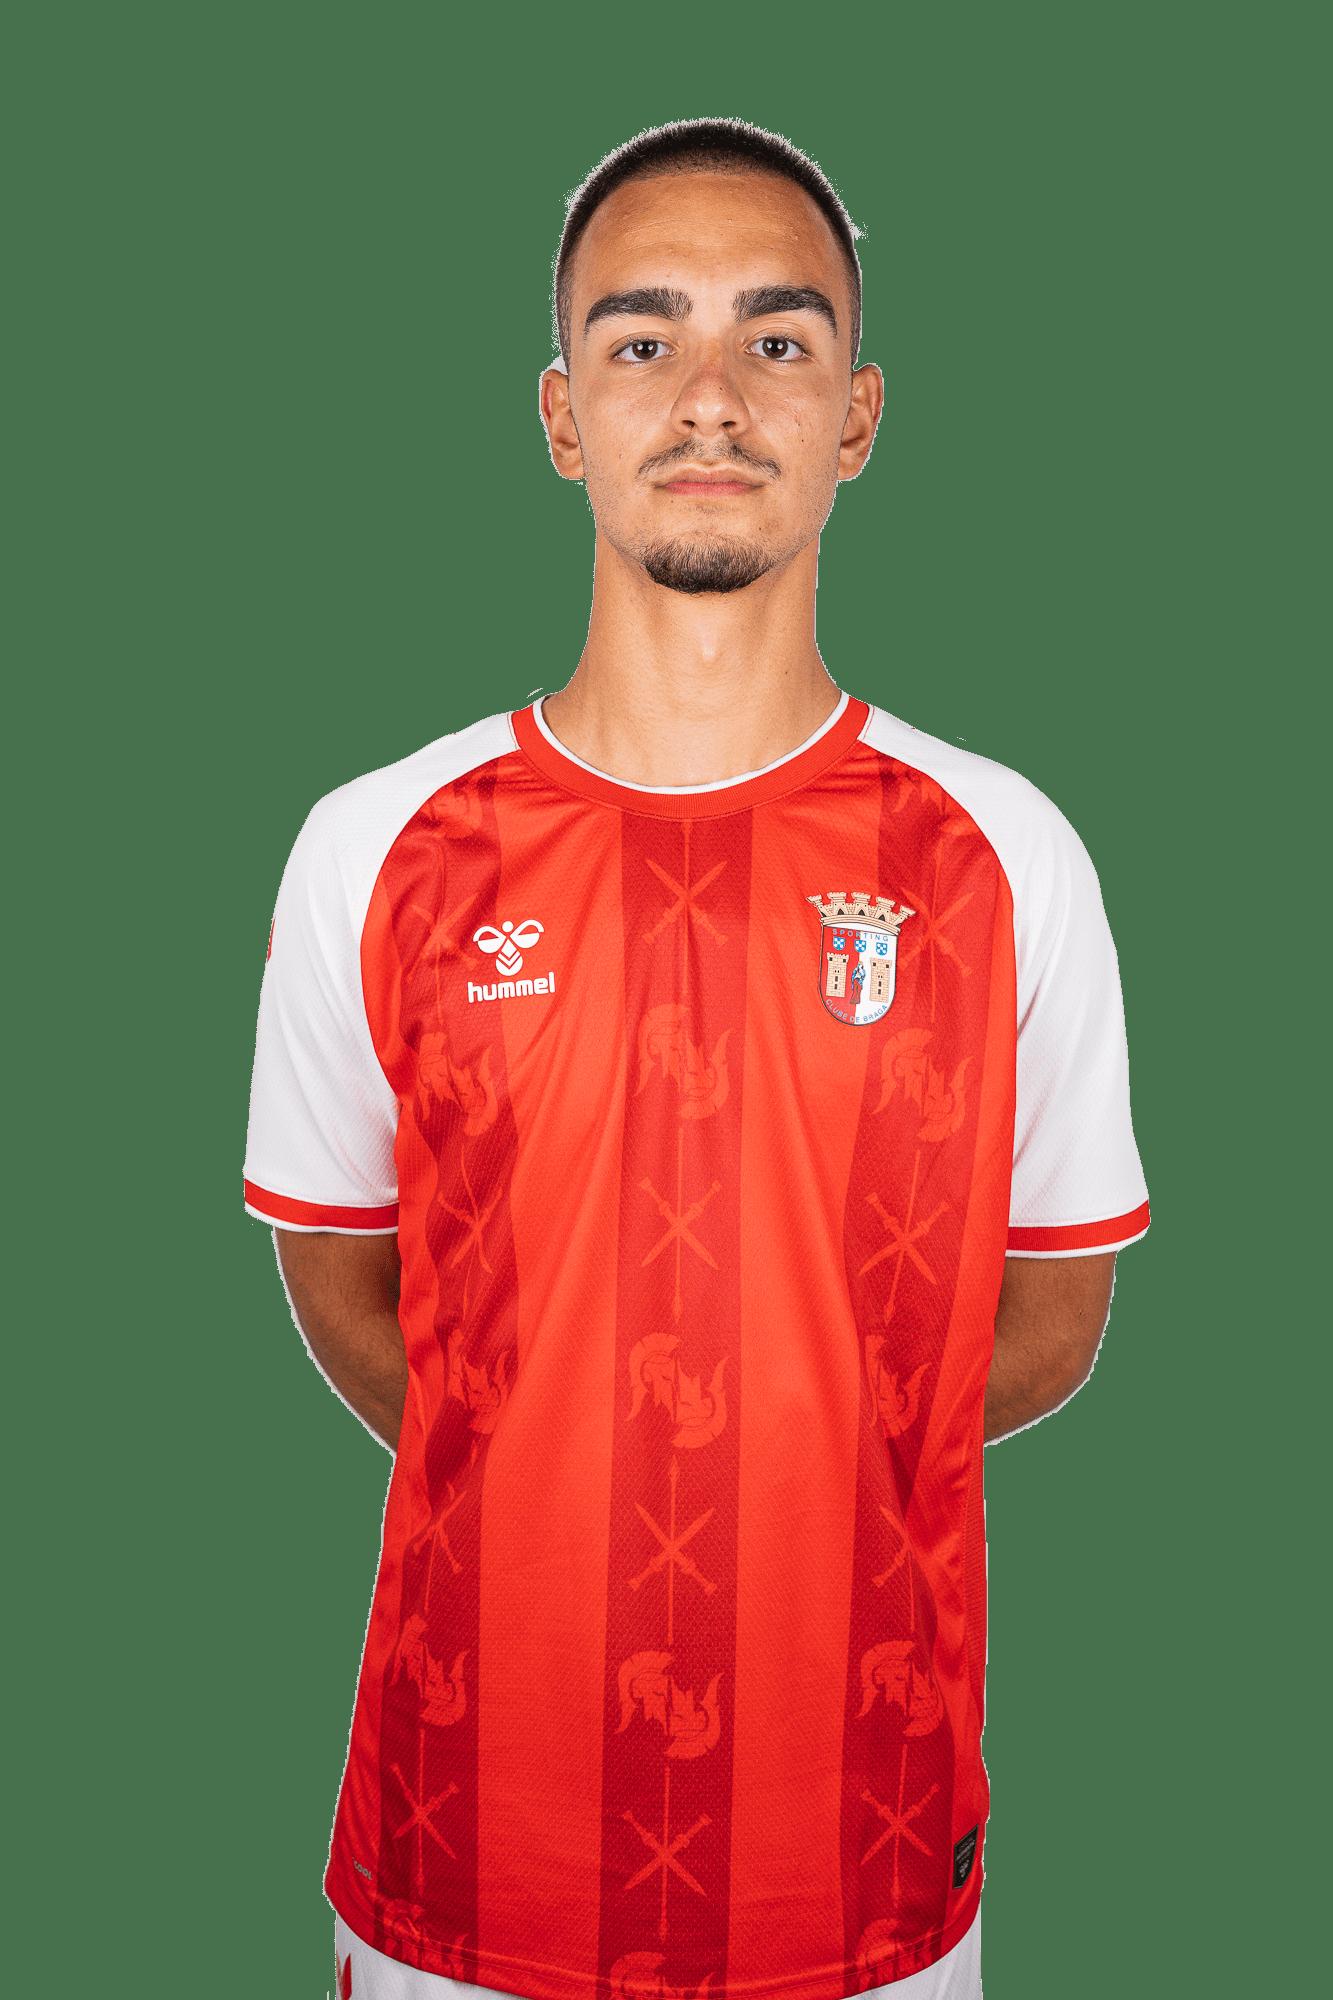 Tiago Rosa